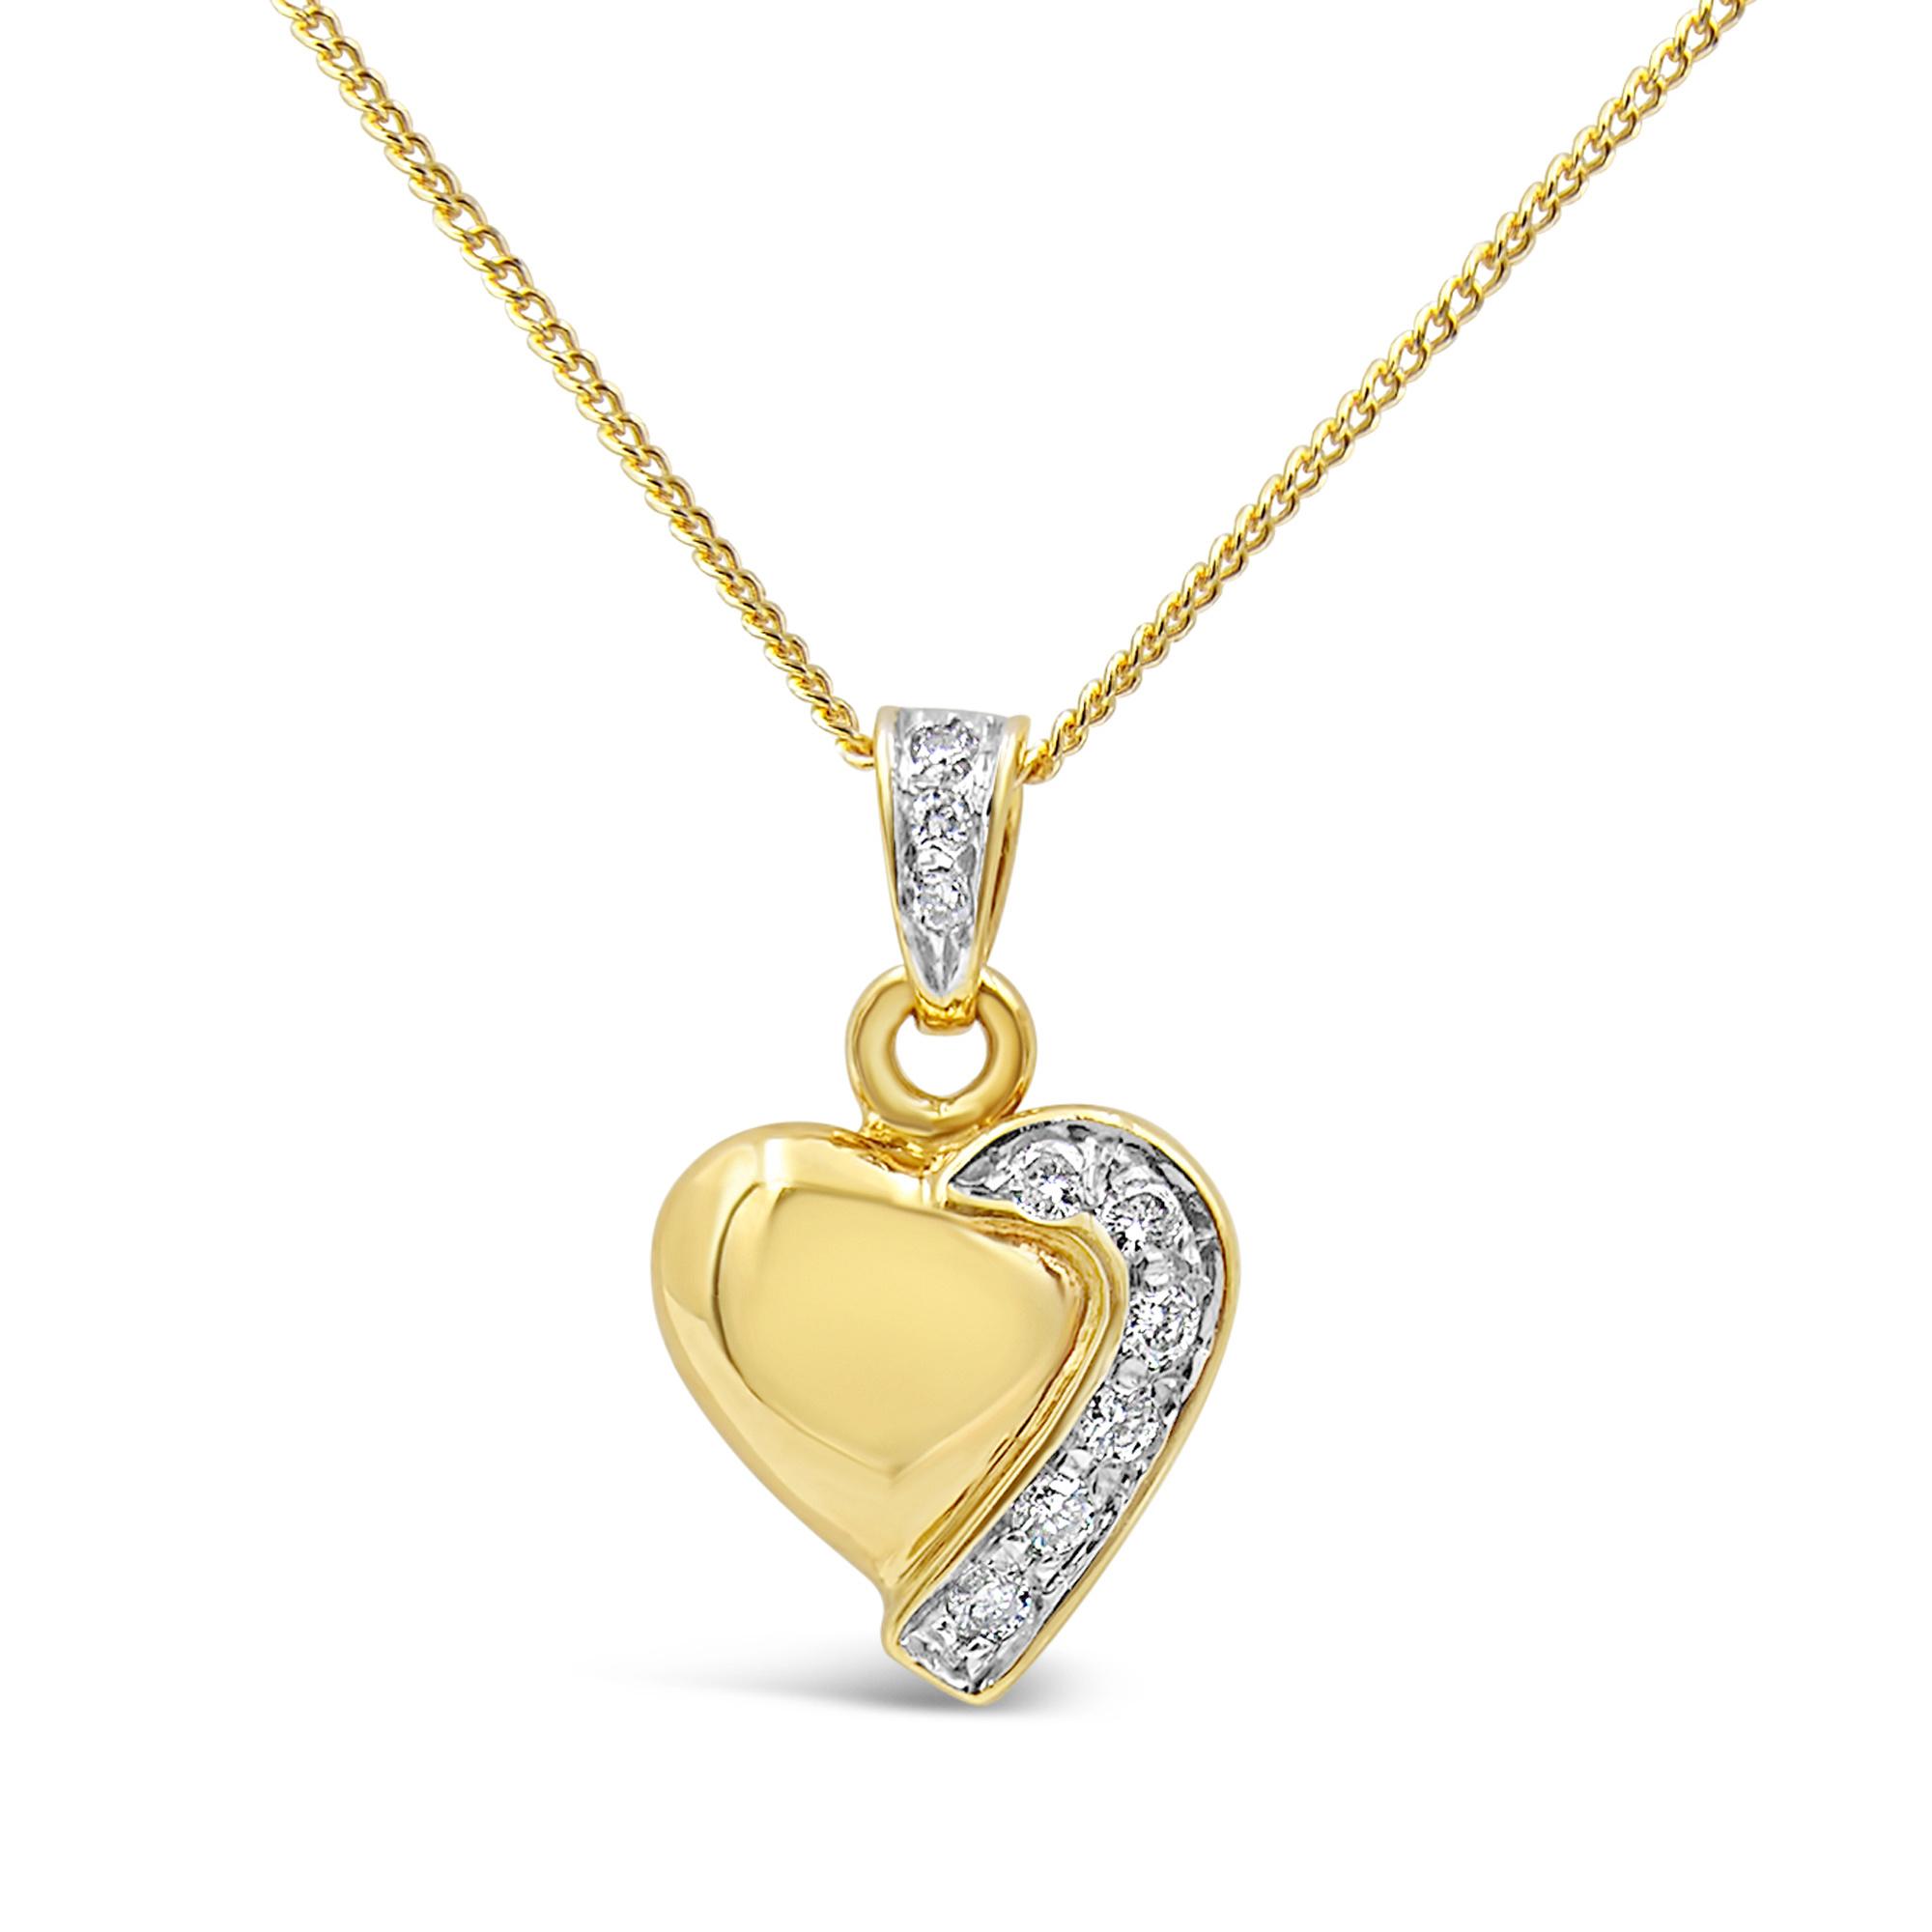 18 karaat geel & wit goud hart hanger met 0.12 ct diamanten